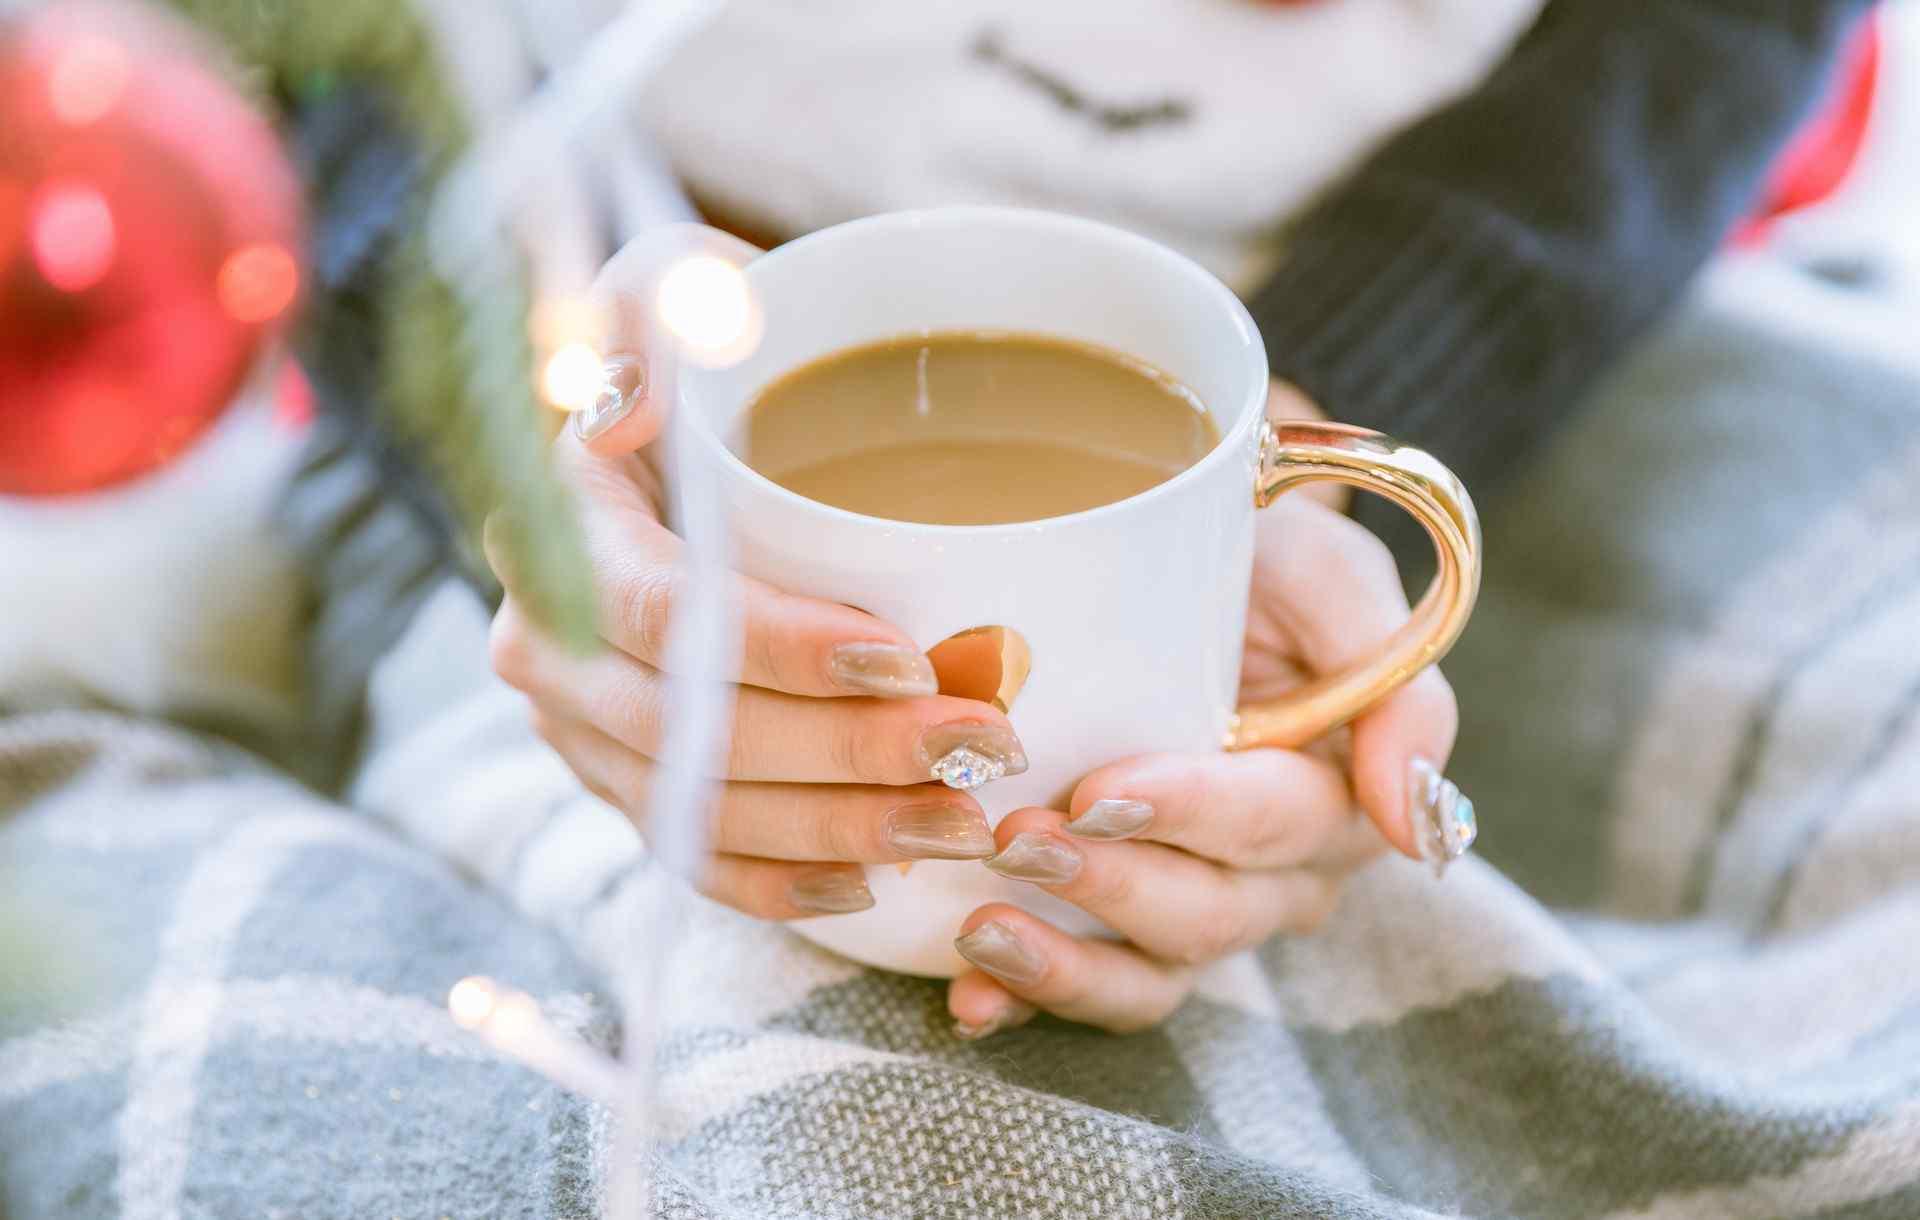 孕妇偶尔喝一次雪碧可以吗 孕妇偶尔喝一次咖啡可以吗